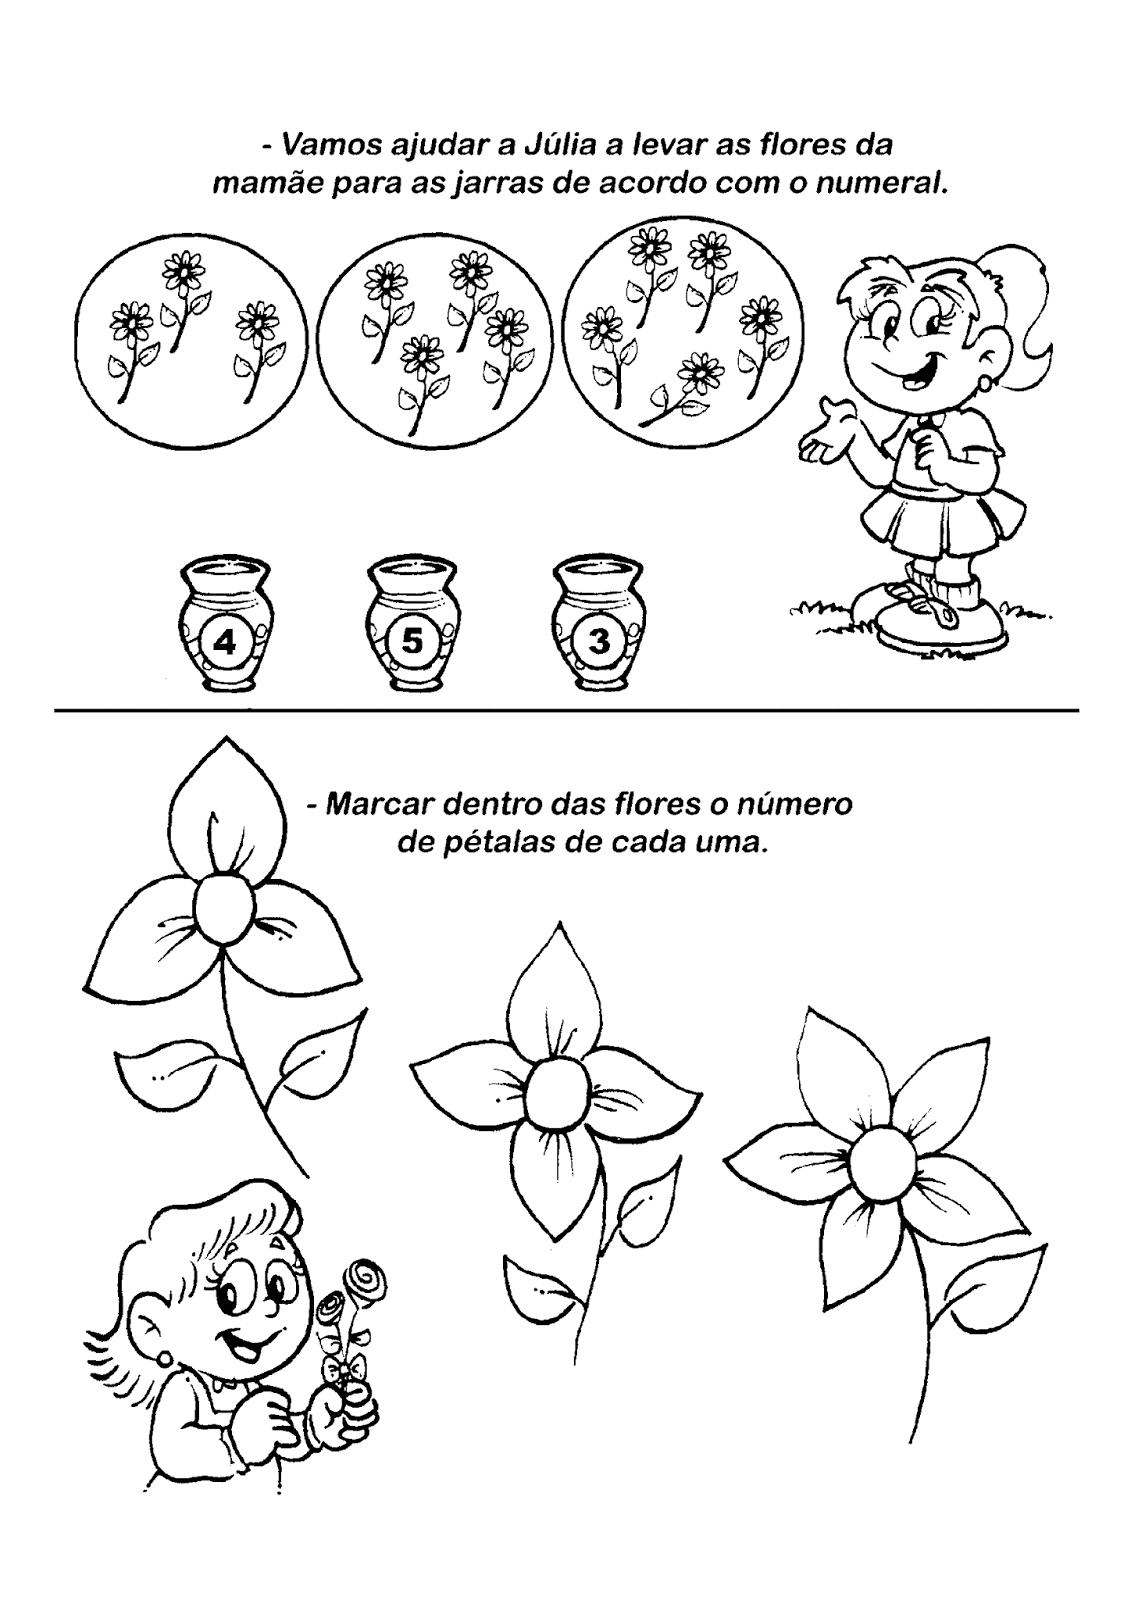 Atividade para o Dia das Mães com numerais  – Vamos ajudar a Júlia a levar as flores da mamãe para as jarras de acordo com o numeral.-Marcar dentro das flores o número de pétalas de cada uma.